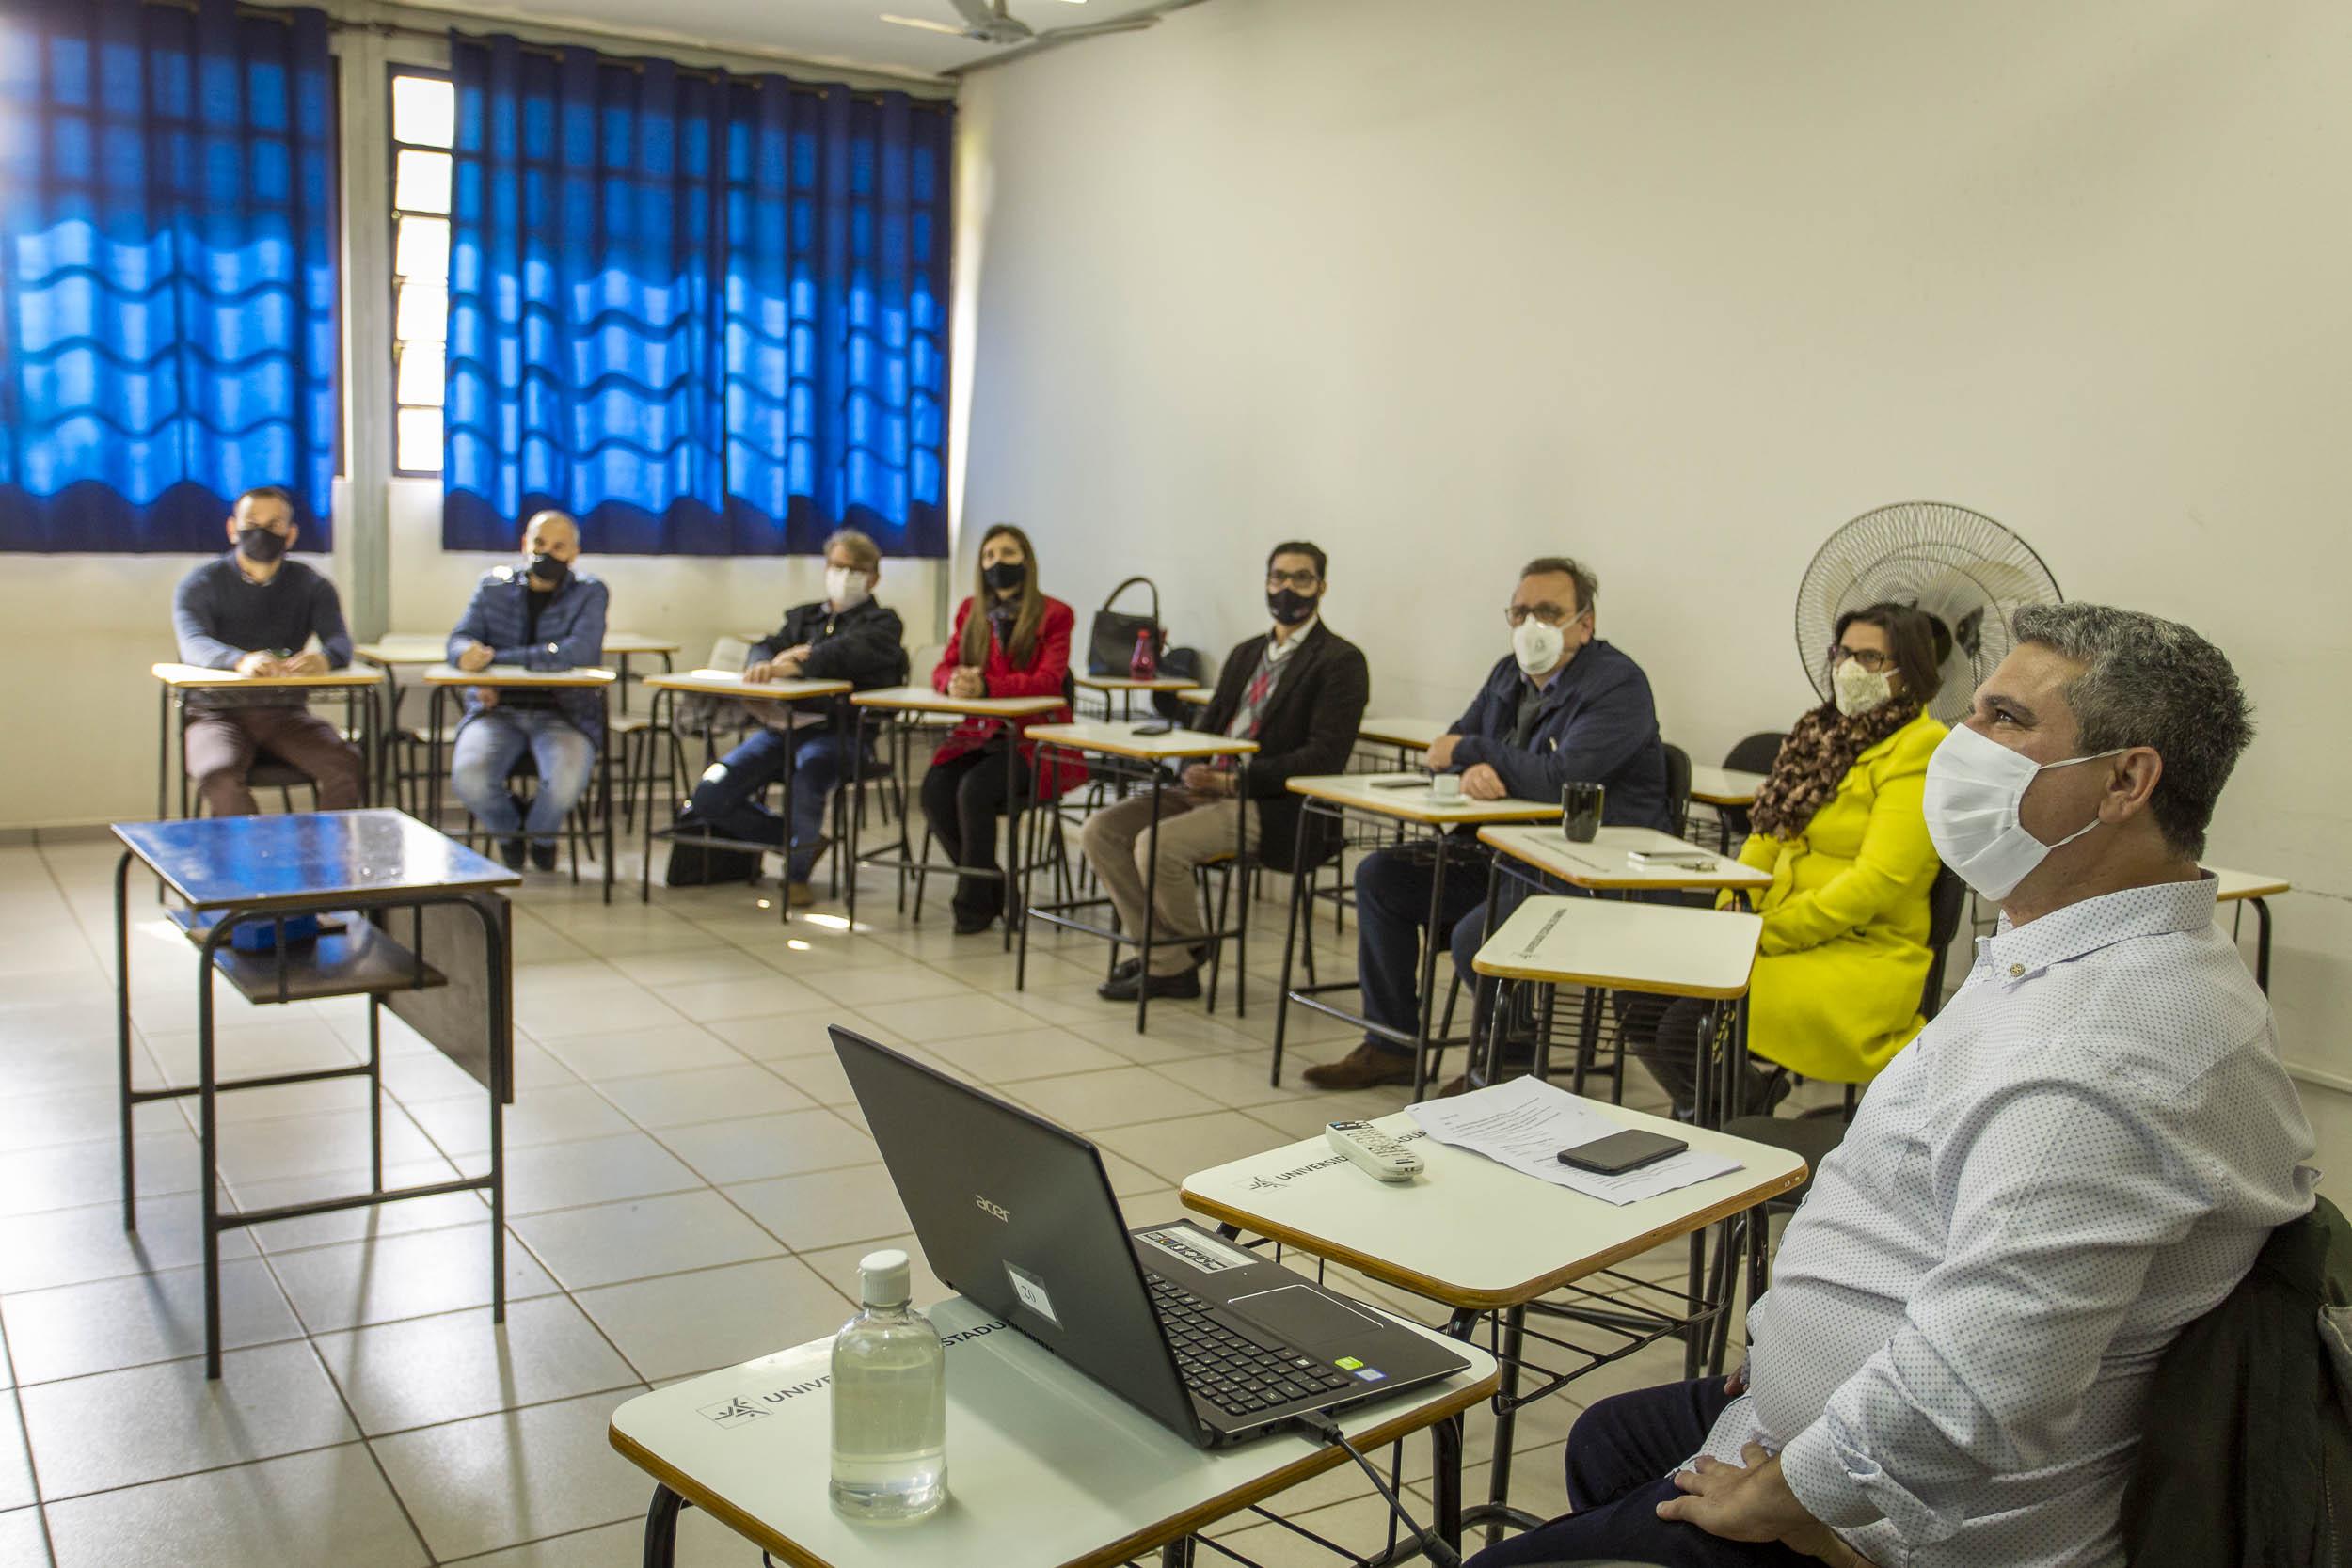 2021 07 20 Reunião de integração Uem Empresários têxteis 5751